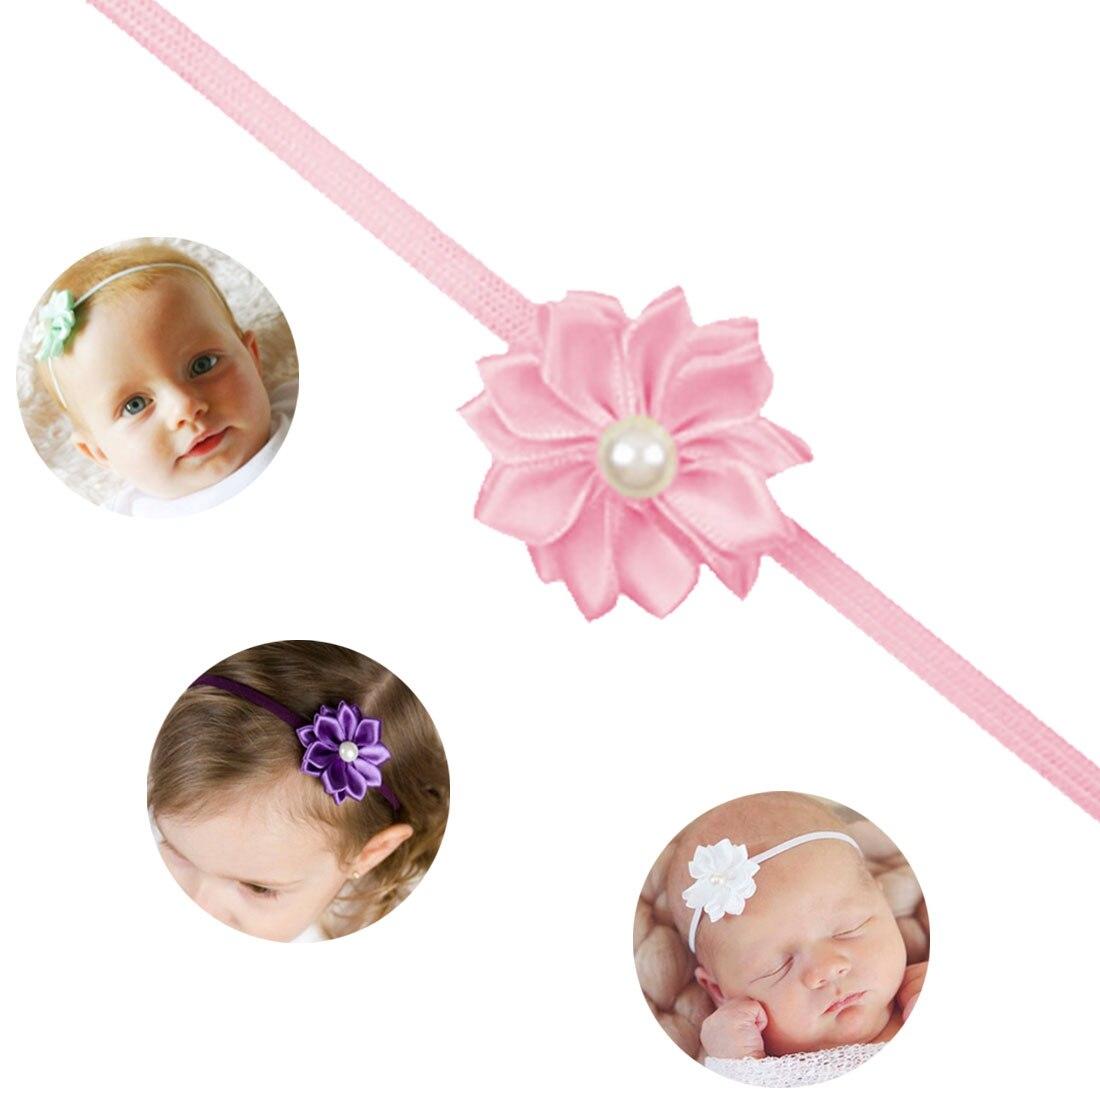 Venda quente bonito do bebê meninas headbands pano strass flor acessórios de cabelo para meninas faixa de cabelo frete grátis bunchems cabeça banda